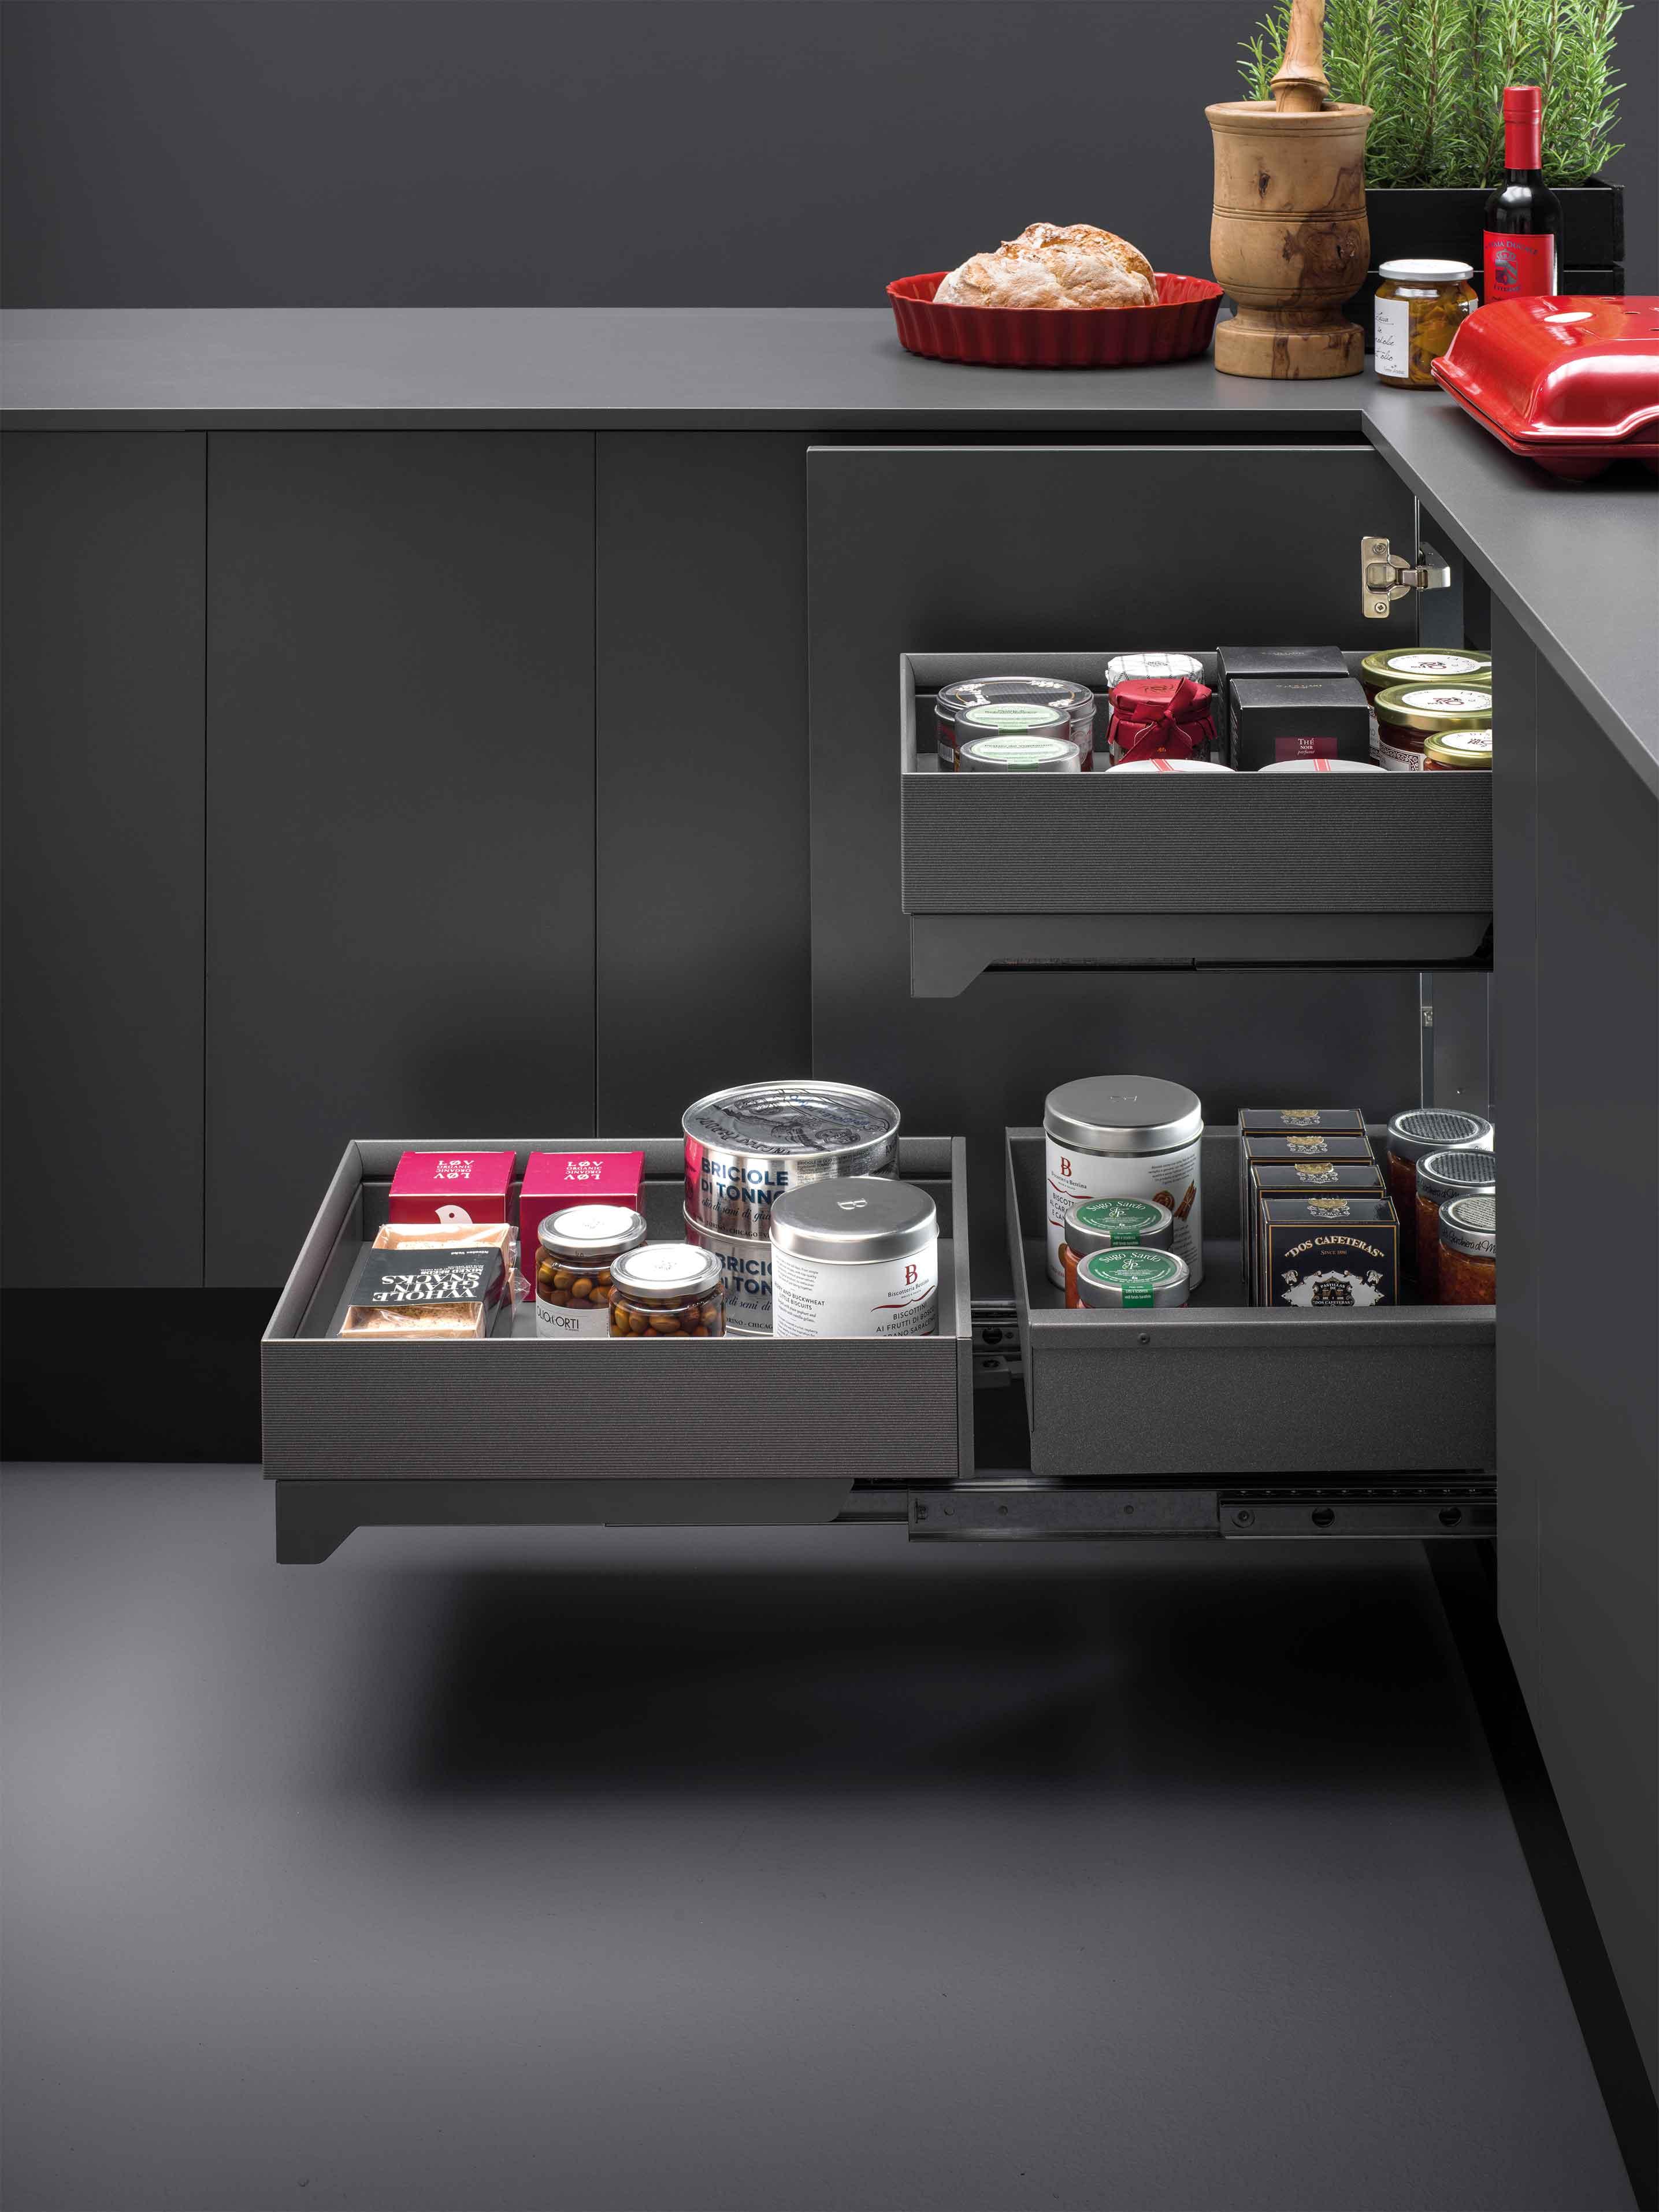 Organizzare Interno Mobili Cucina arredo interno dei mobili in cucina. vibo accessori in filo